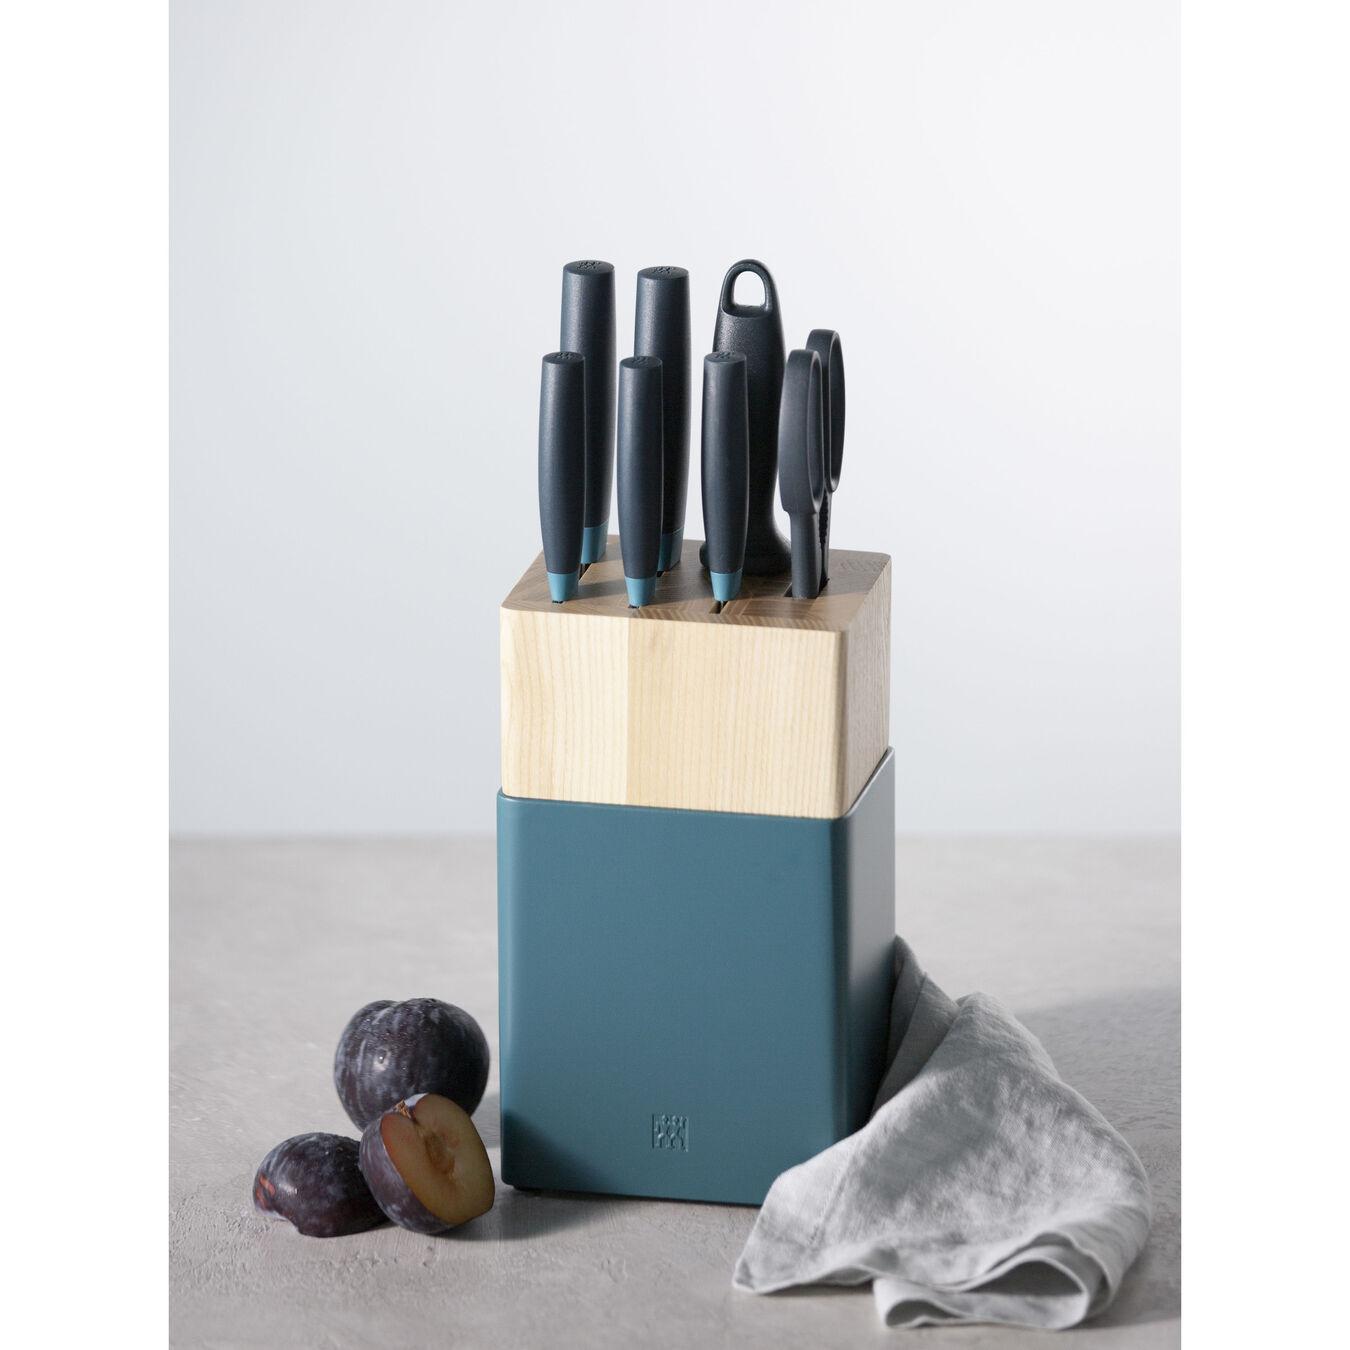 8-pc, Knife block set, blueberry,,large 4